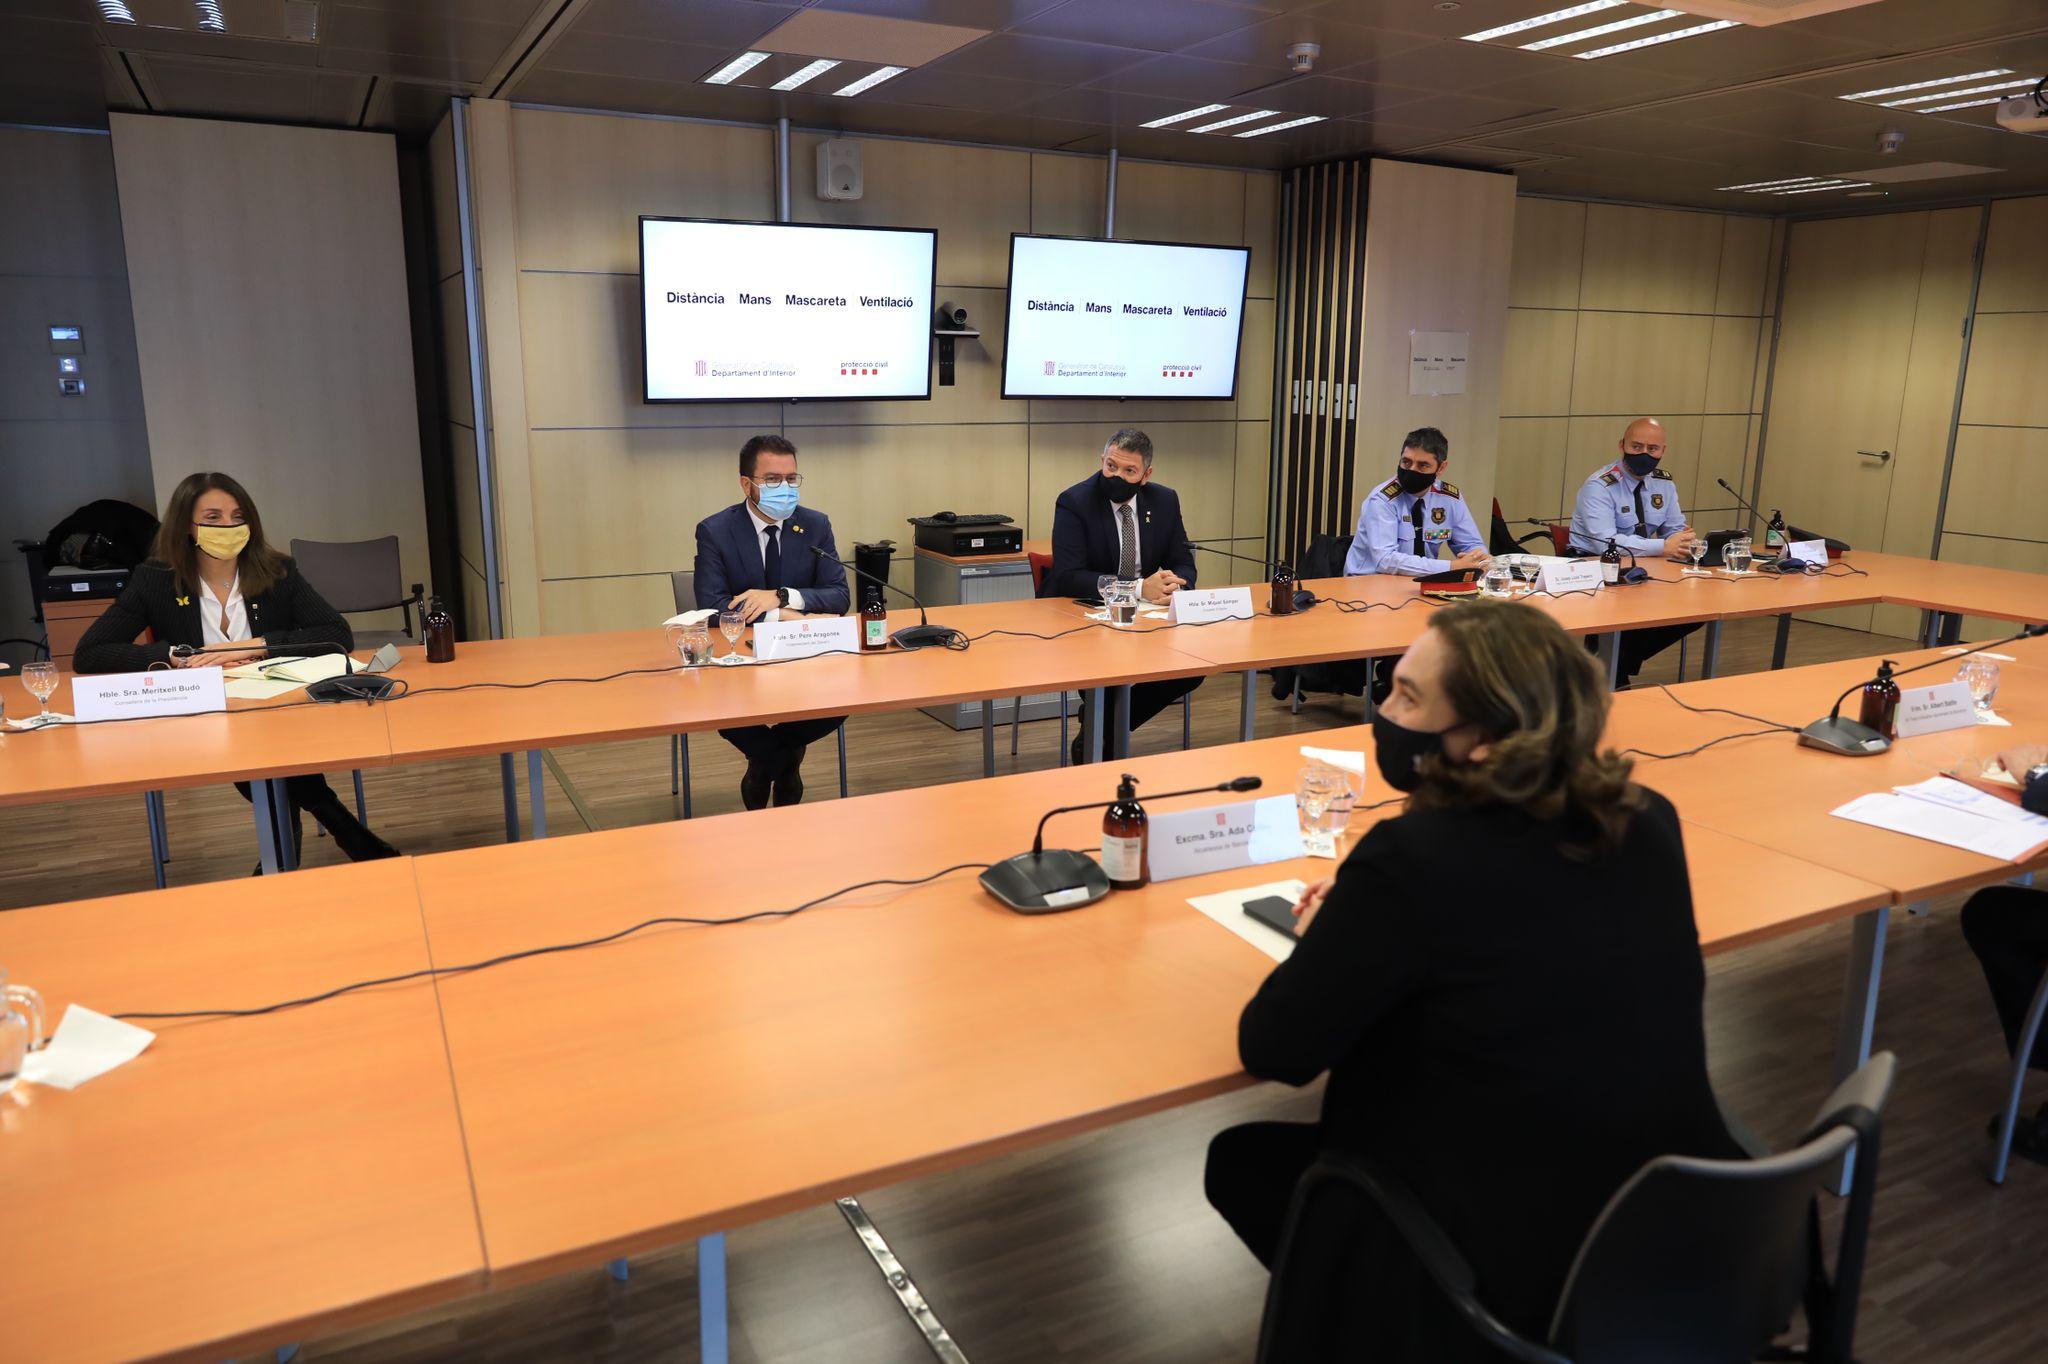 Reunió entre el Govern català i l'Ajuntament de Barcelona per analitzar els aldarulls dels últims dies